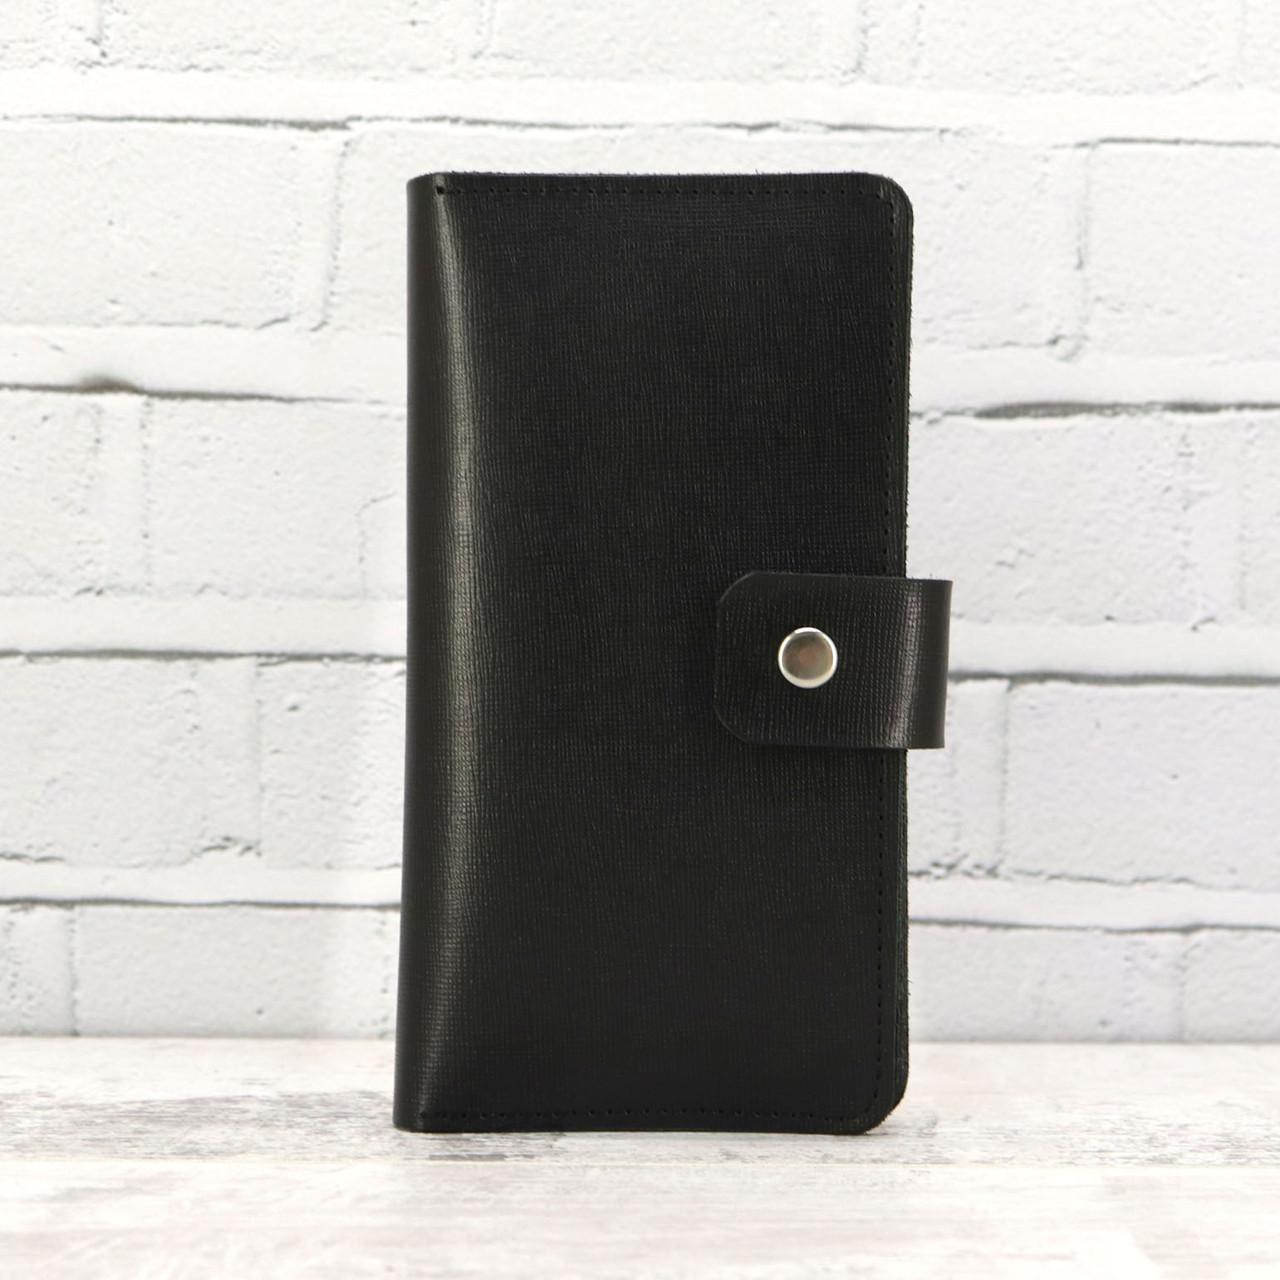 Кошелёк sv 499 черный из натуральной кожи saffiano